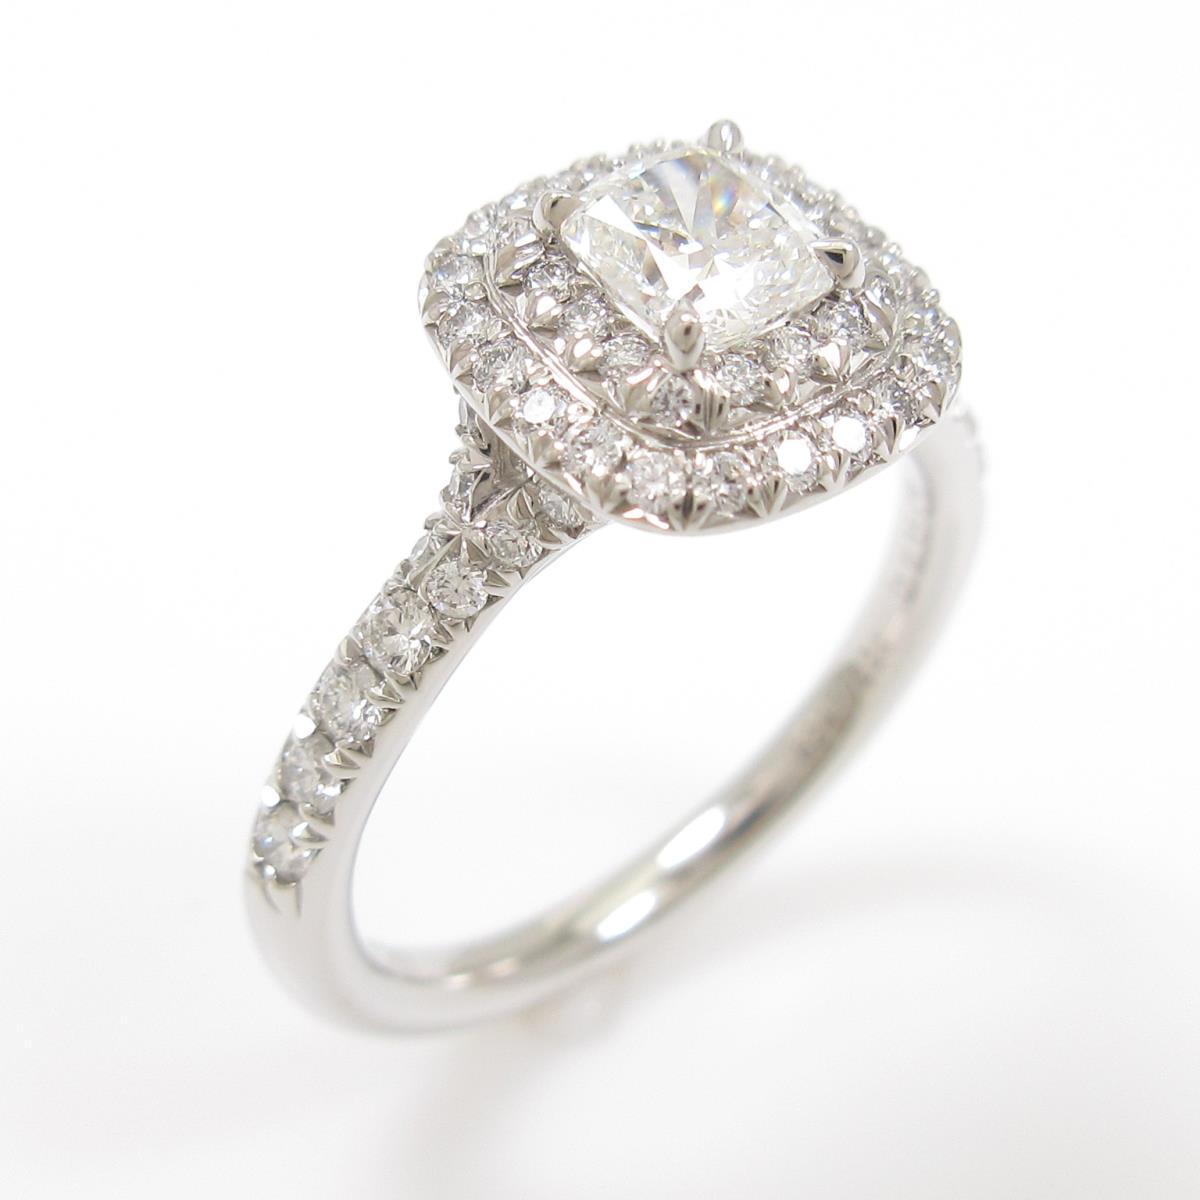 ティファニー ダイヤモンドリング 0.35ct・H・VS2・クッションカット【中古】